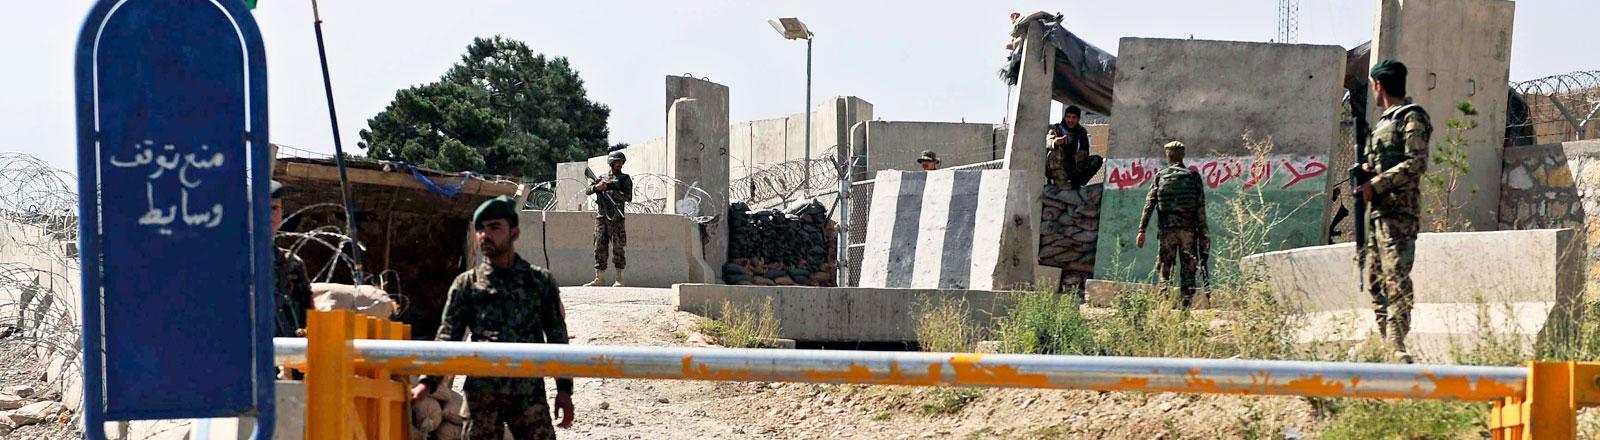 Afghanische Soldaten vor dem Qagha Camp in Kabul, Afghanistan (05.08.2014)